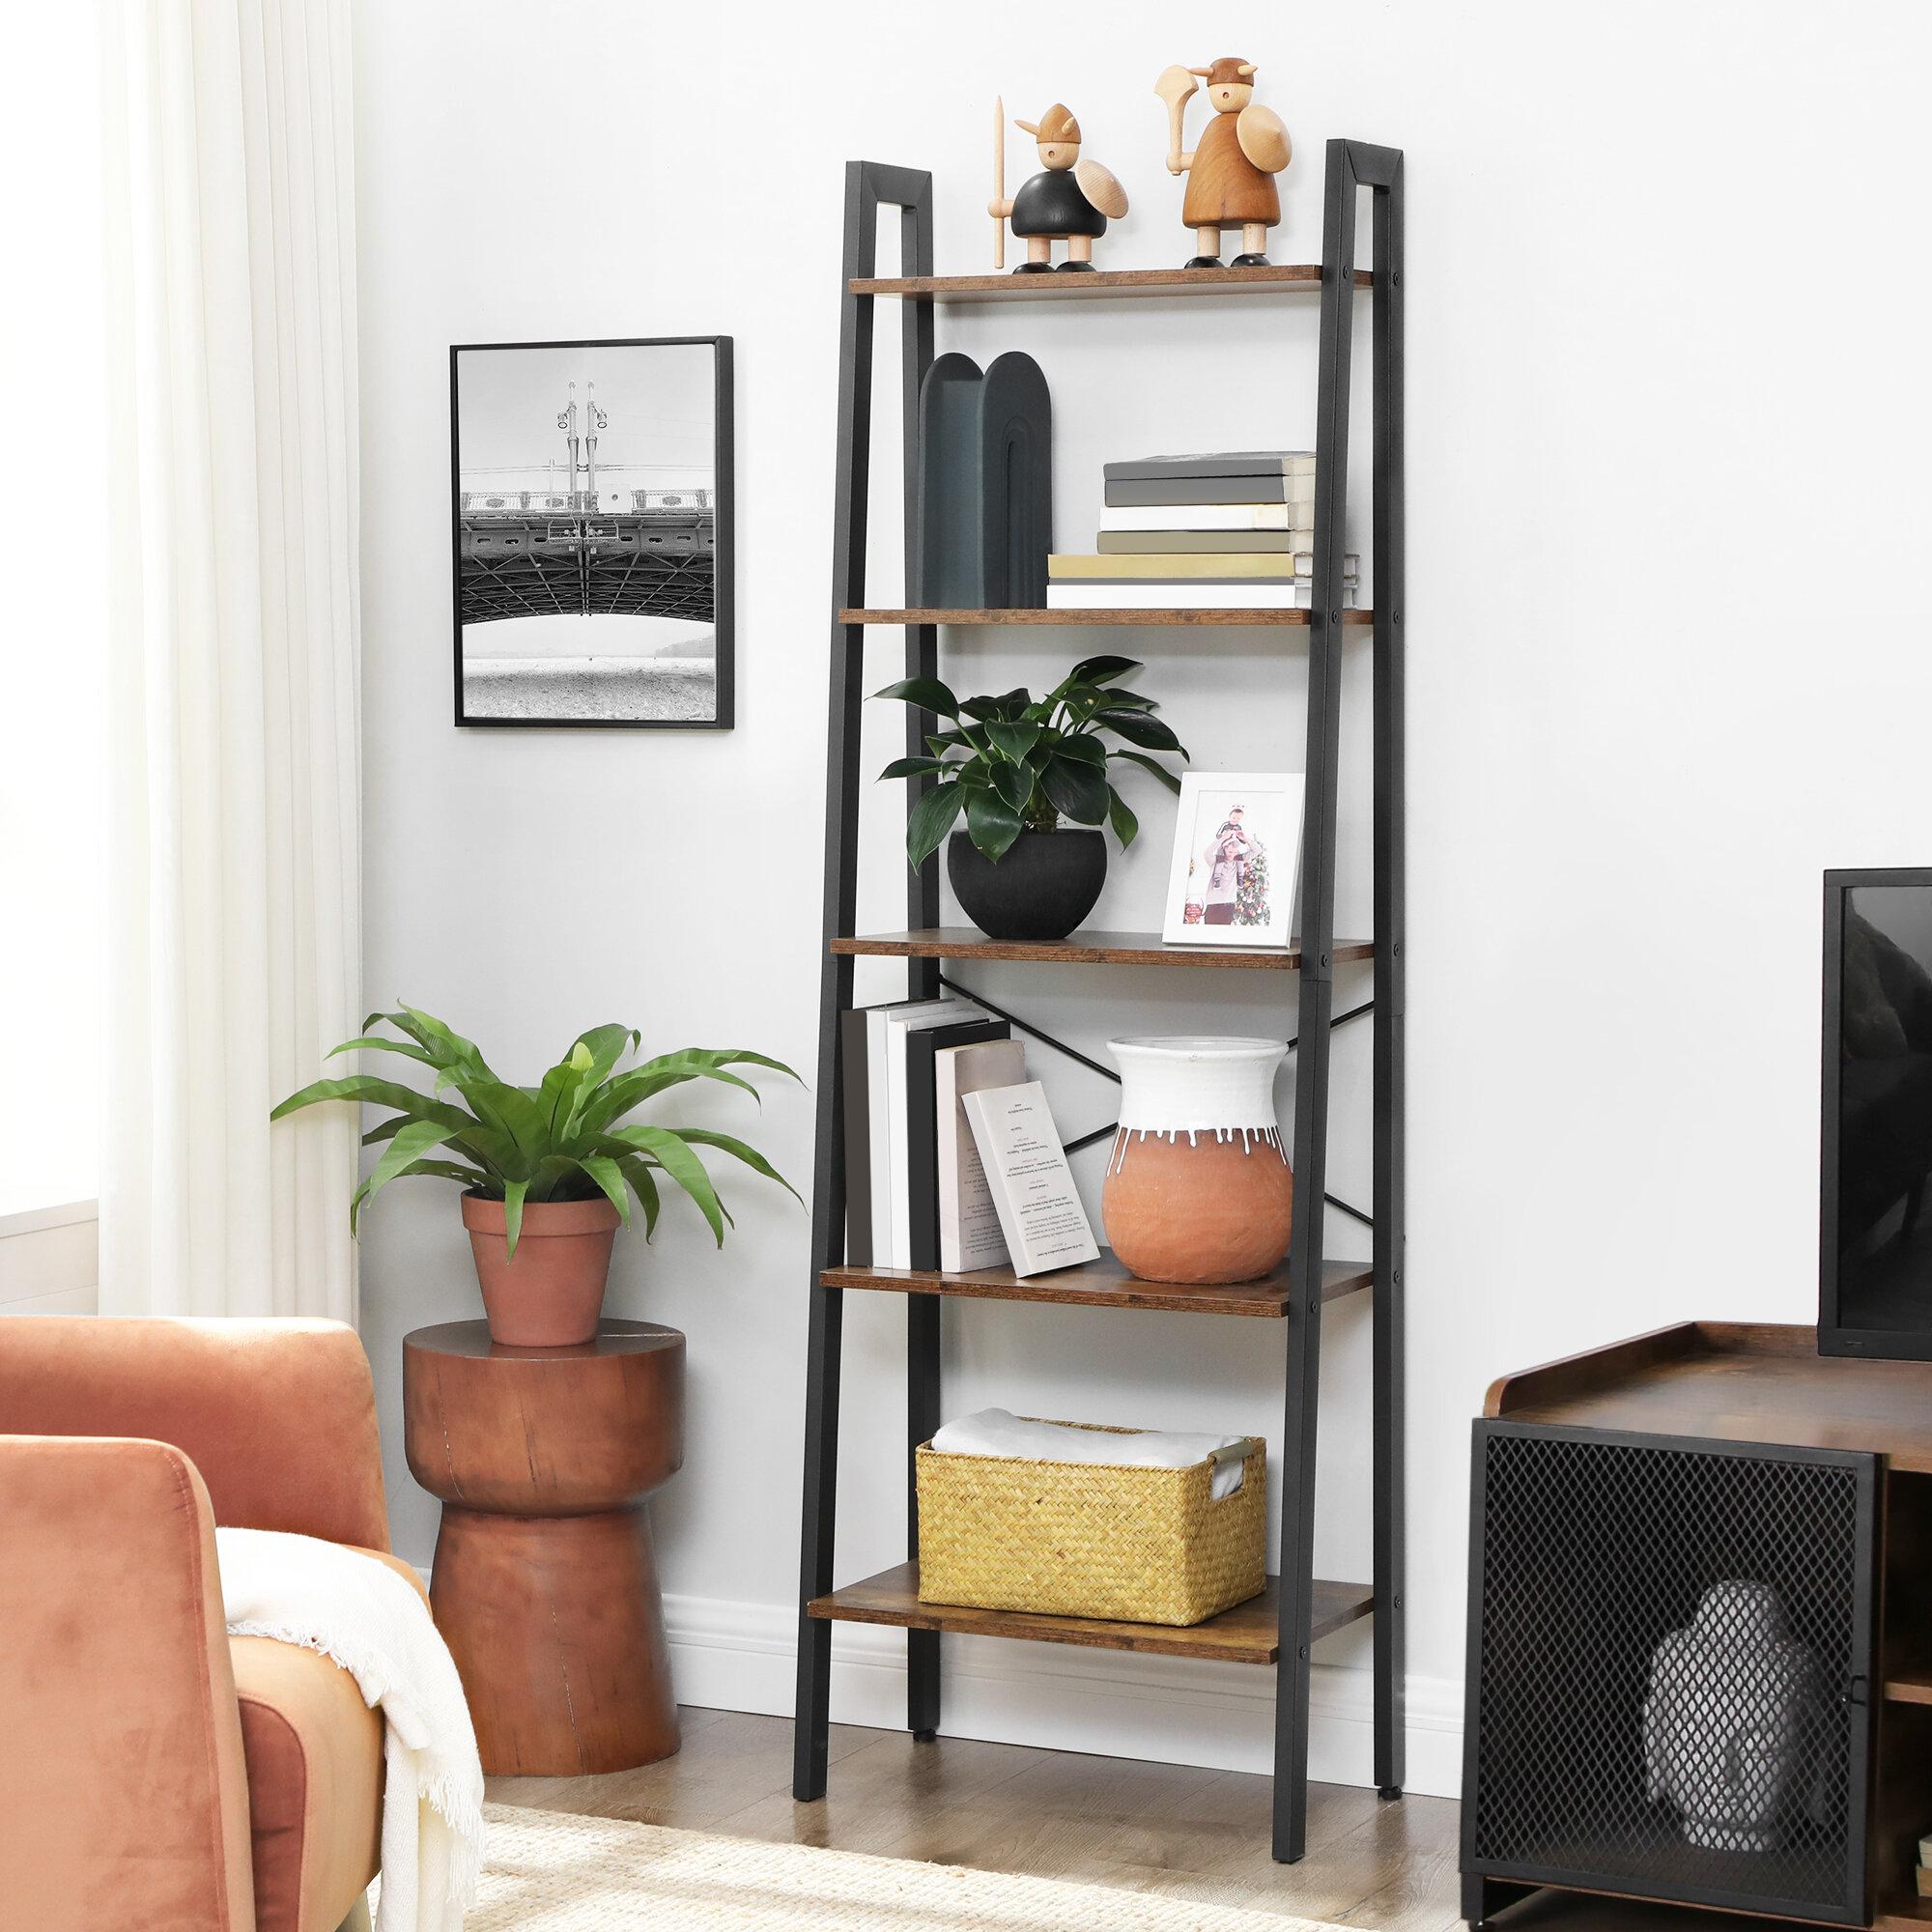 Leaning Bookcases Ladder Shelves Wayfair